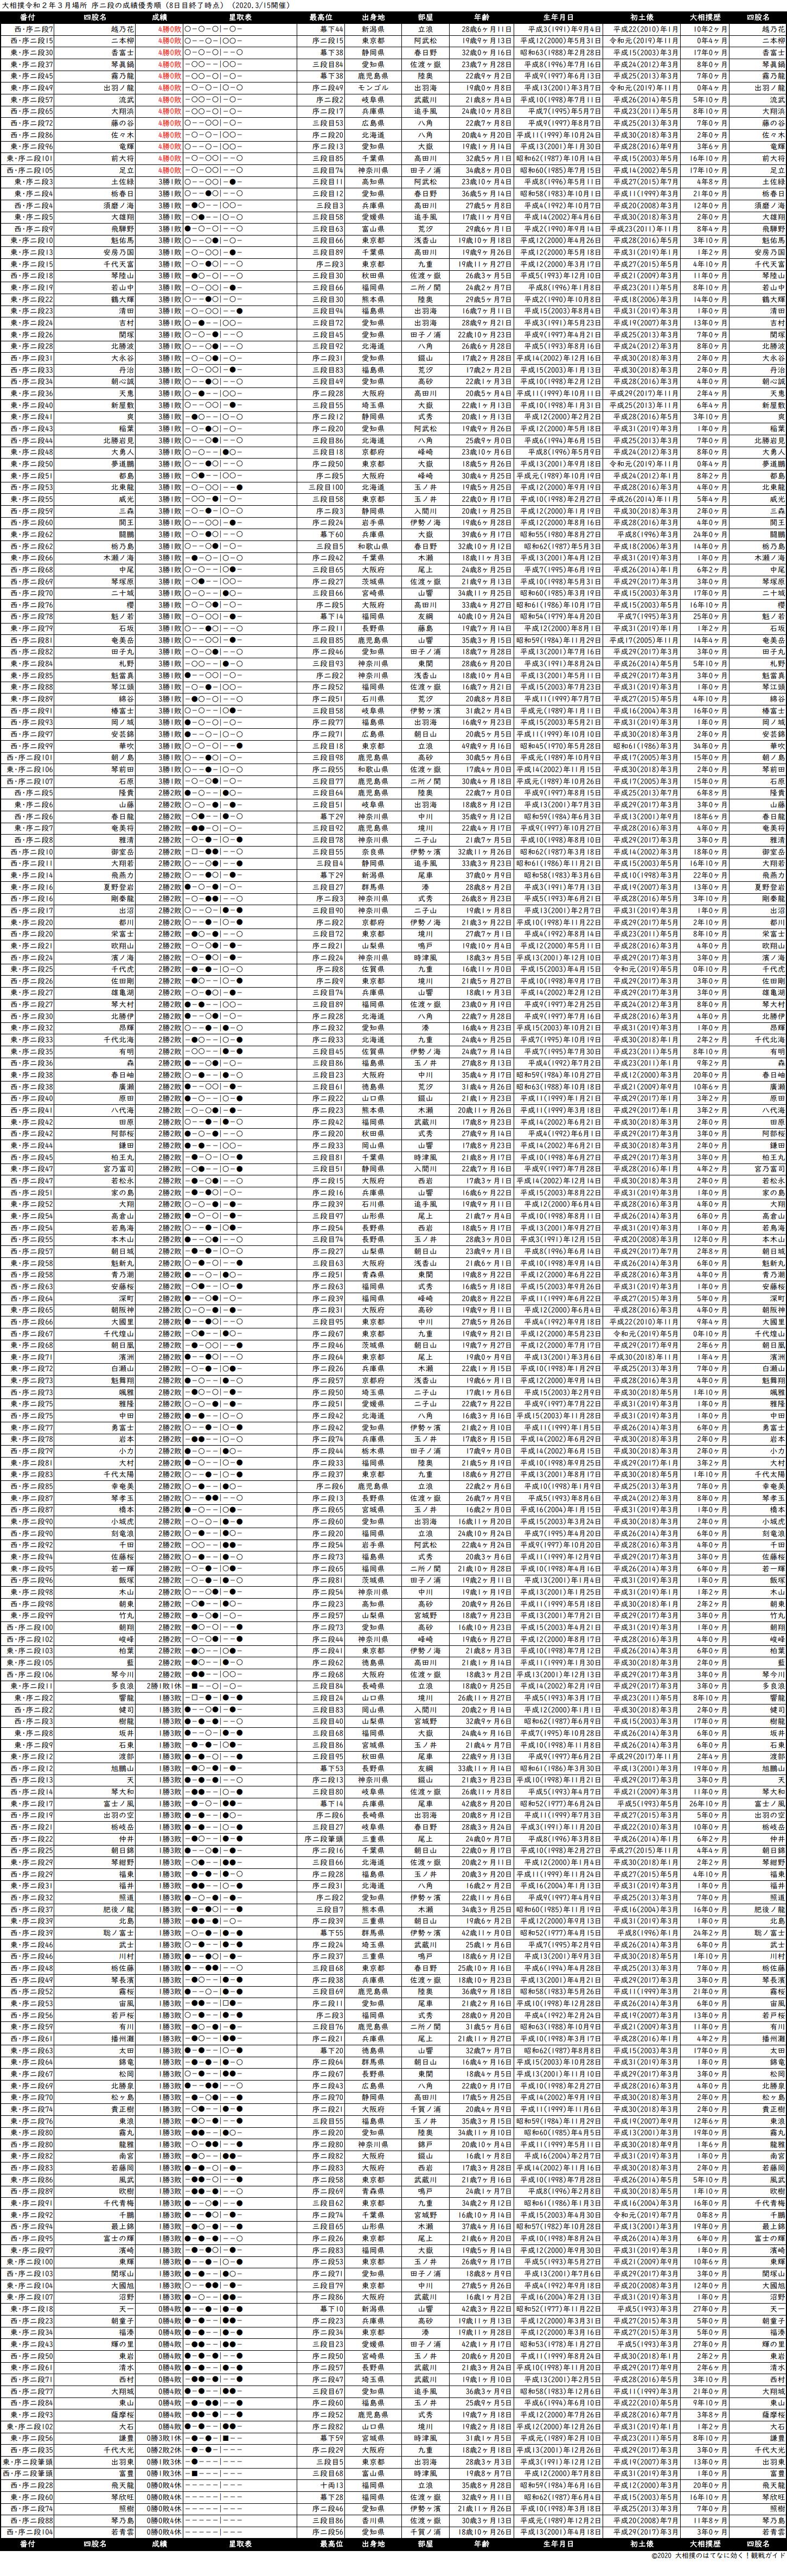 序二段成績順一覧表・2020年3月場所8日目